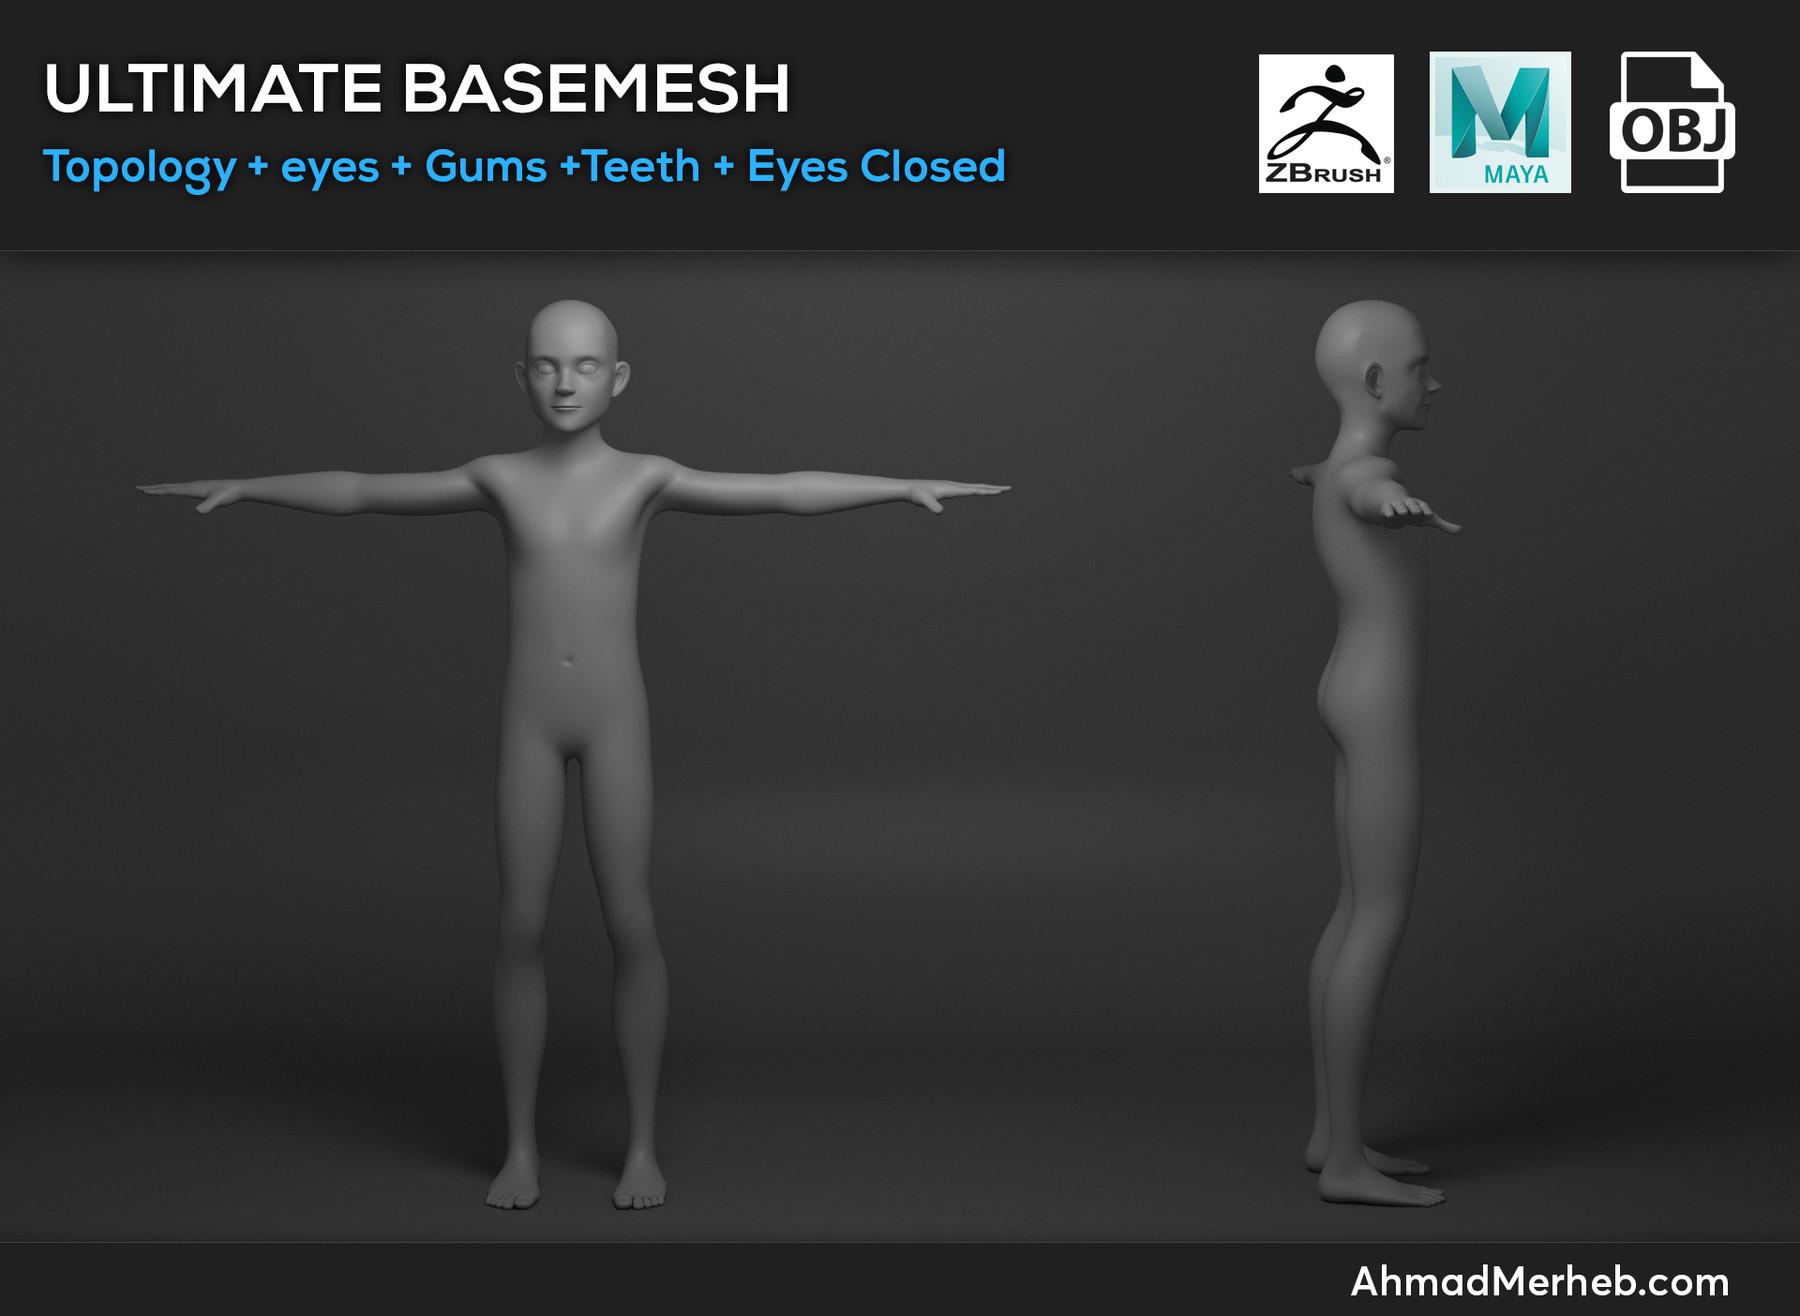 Basemesh2